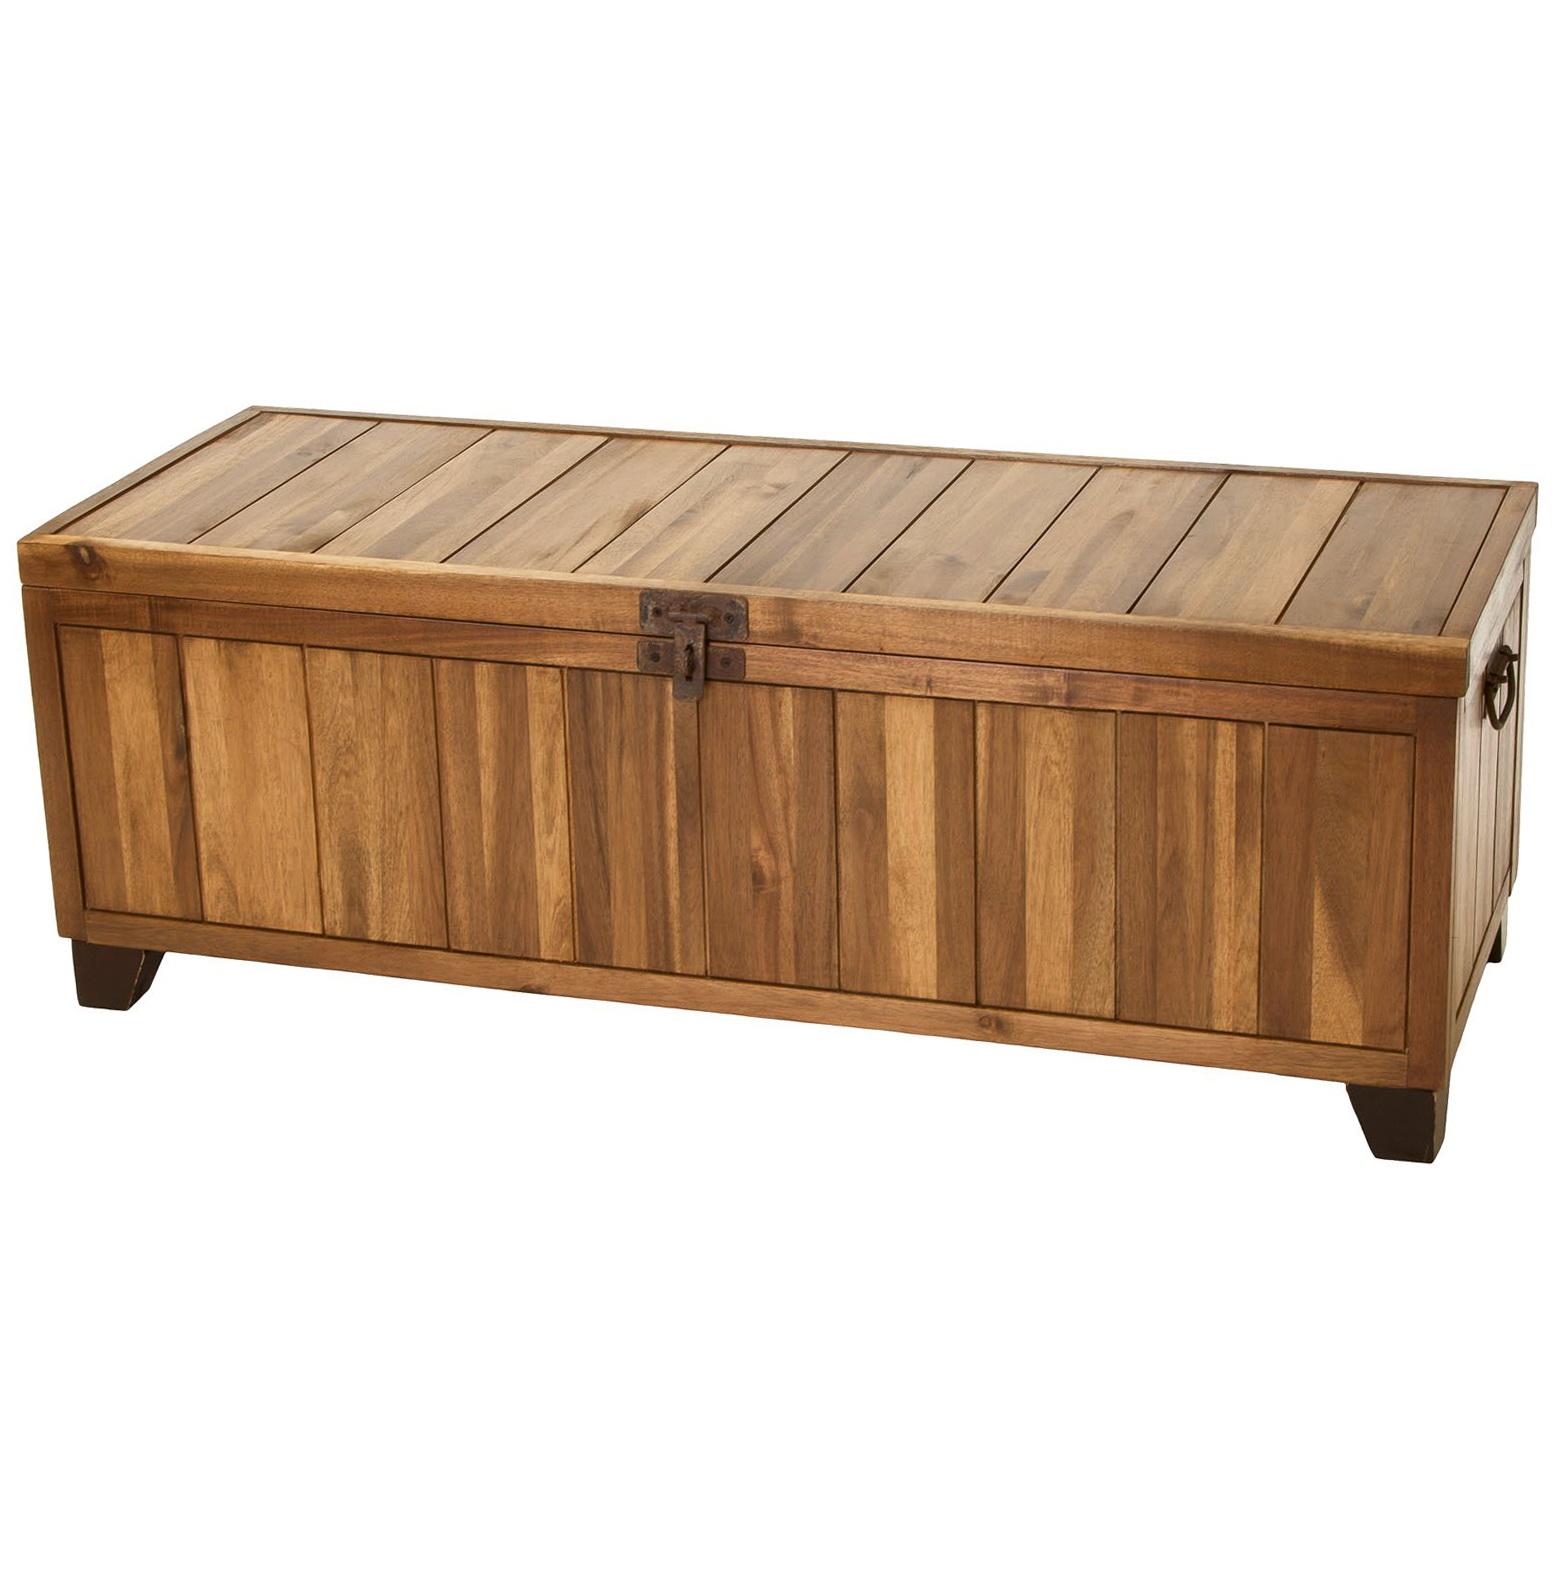 Wood Storage Bench Designs